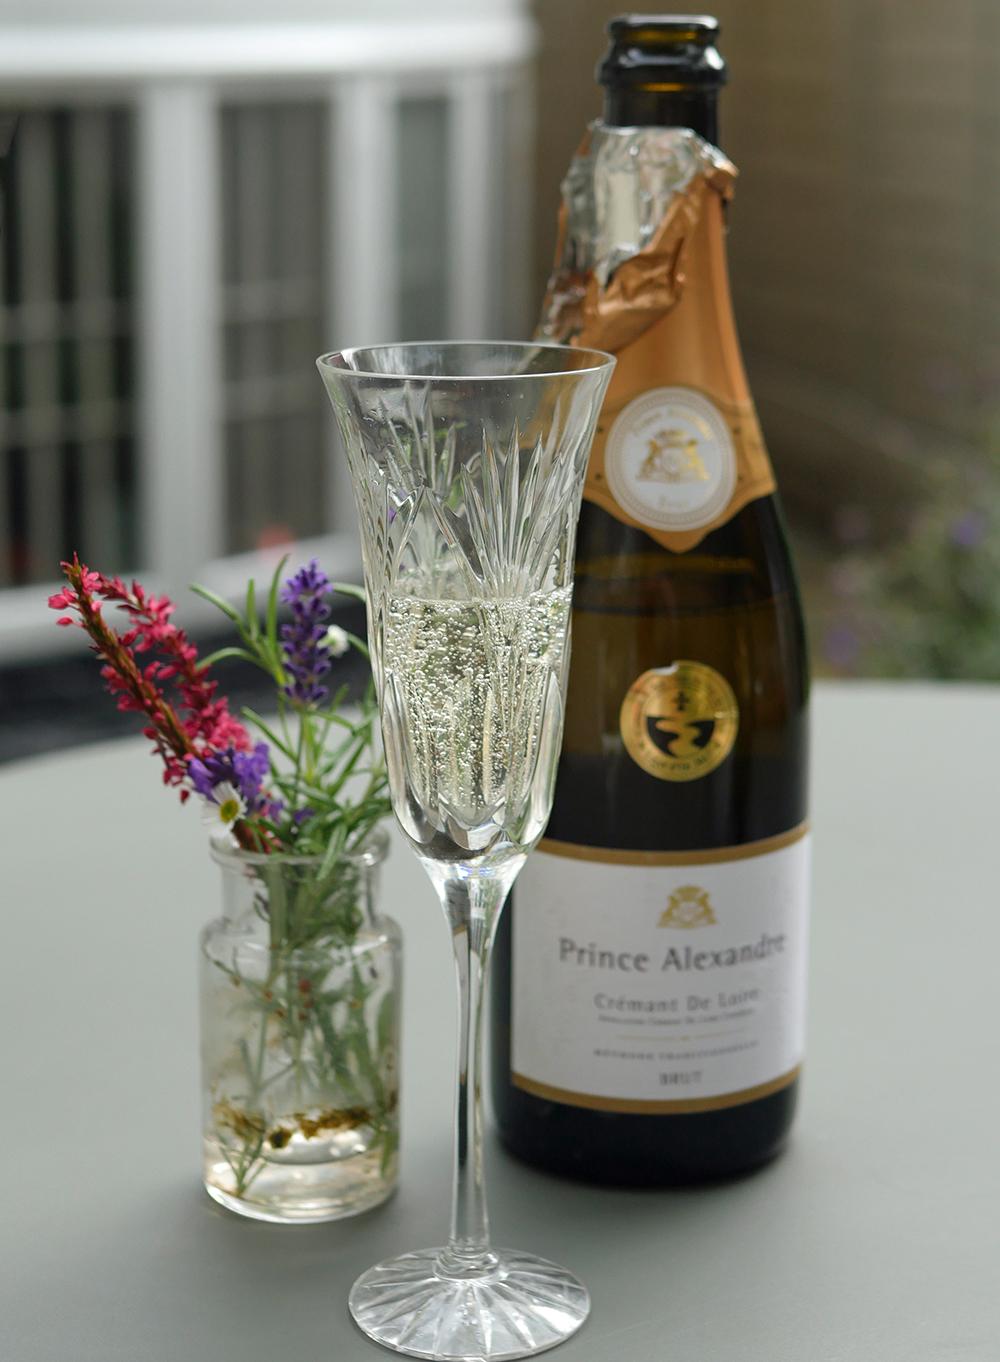 Cremant de Loire tasting